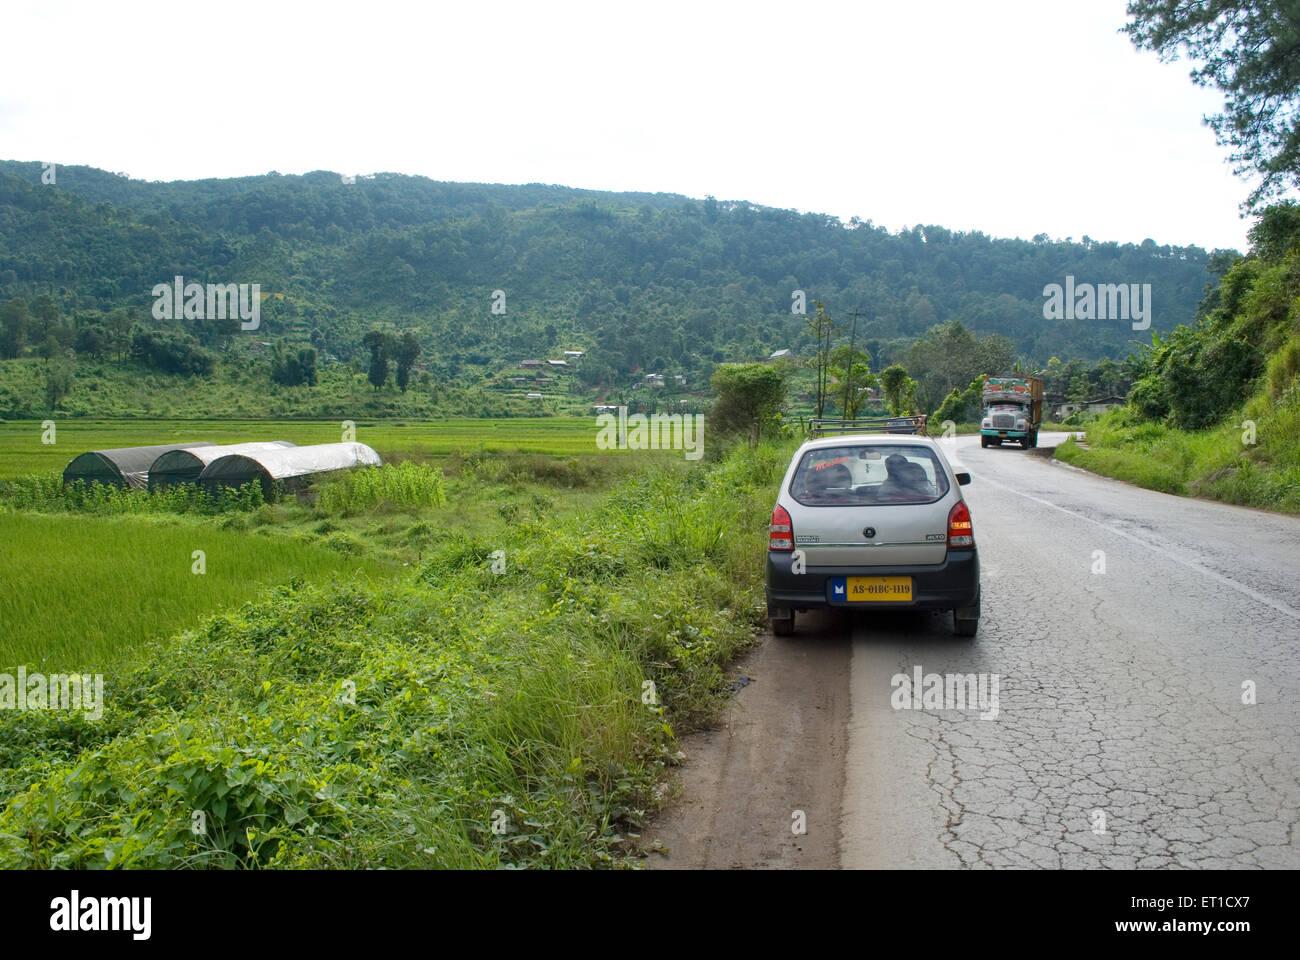 Los vehículos en carretera ; ; ; Guwhati Assam India Imagen De Stock